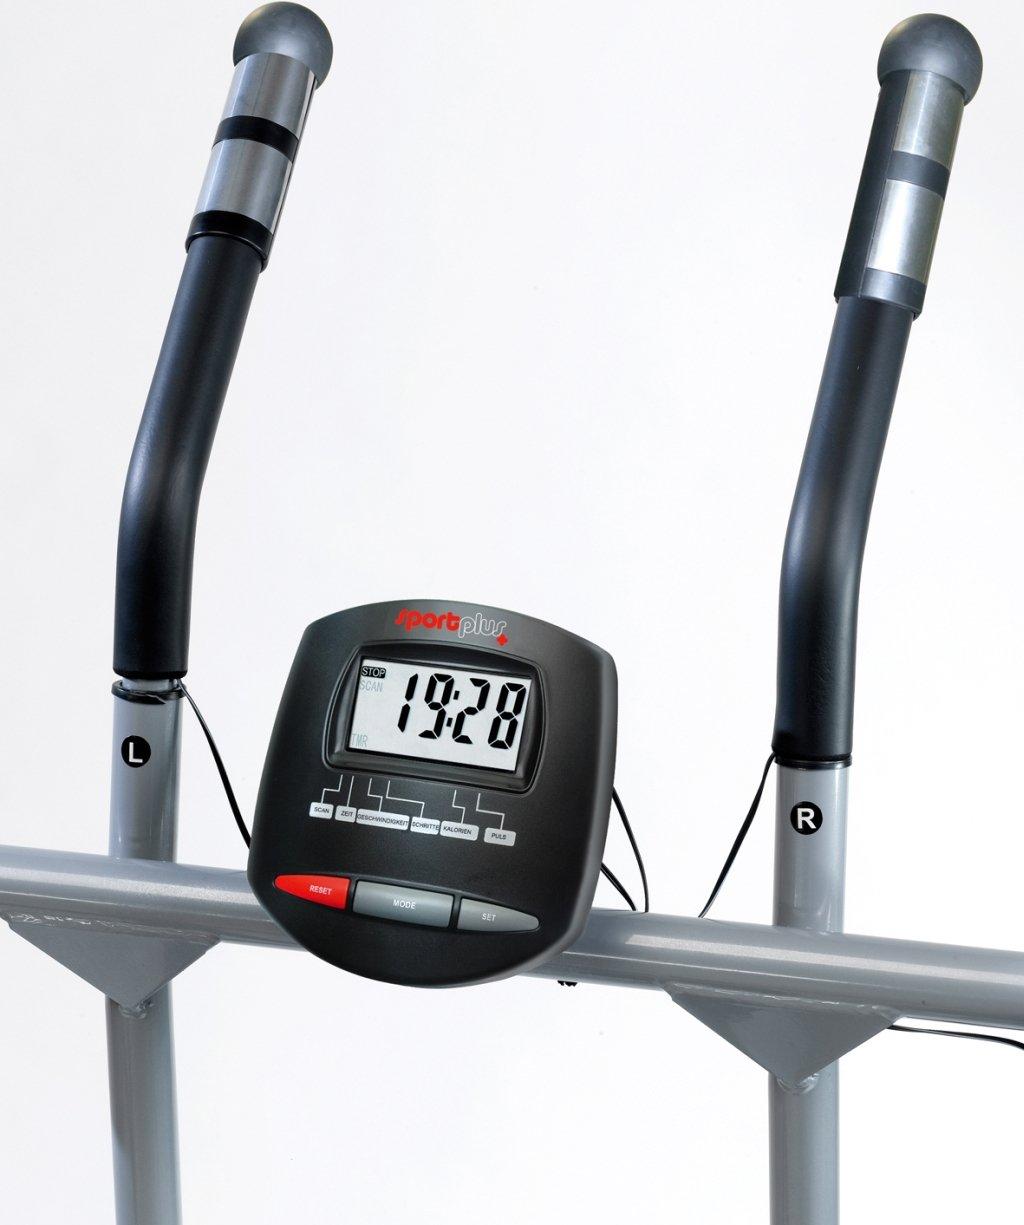 Crosstrainer // Nordic Walker // Stepper Marche Nordique Ordinateur de Contr/ôle Norm/é EN ISO 20957 Pliable et ultra Compact SportPlus SP-NW-004 Poids de lUtilisateur jusqu/à 100/kg